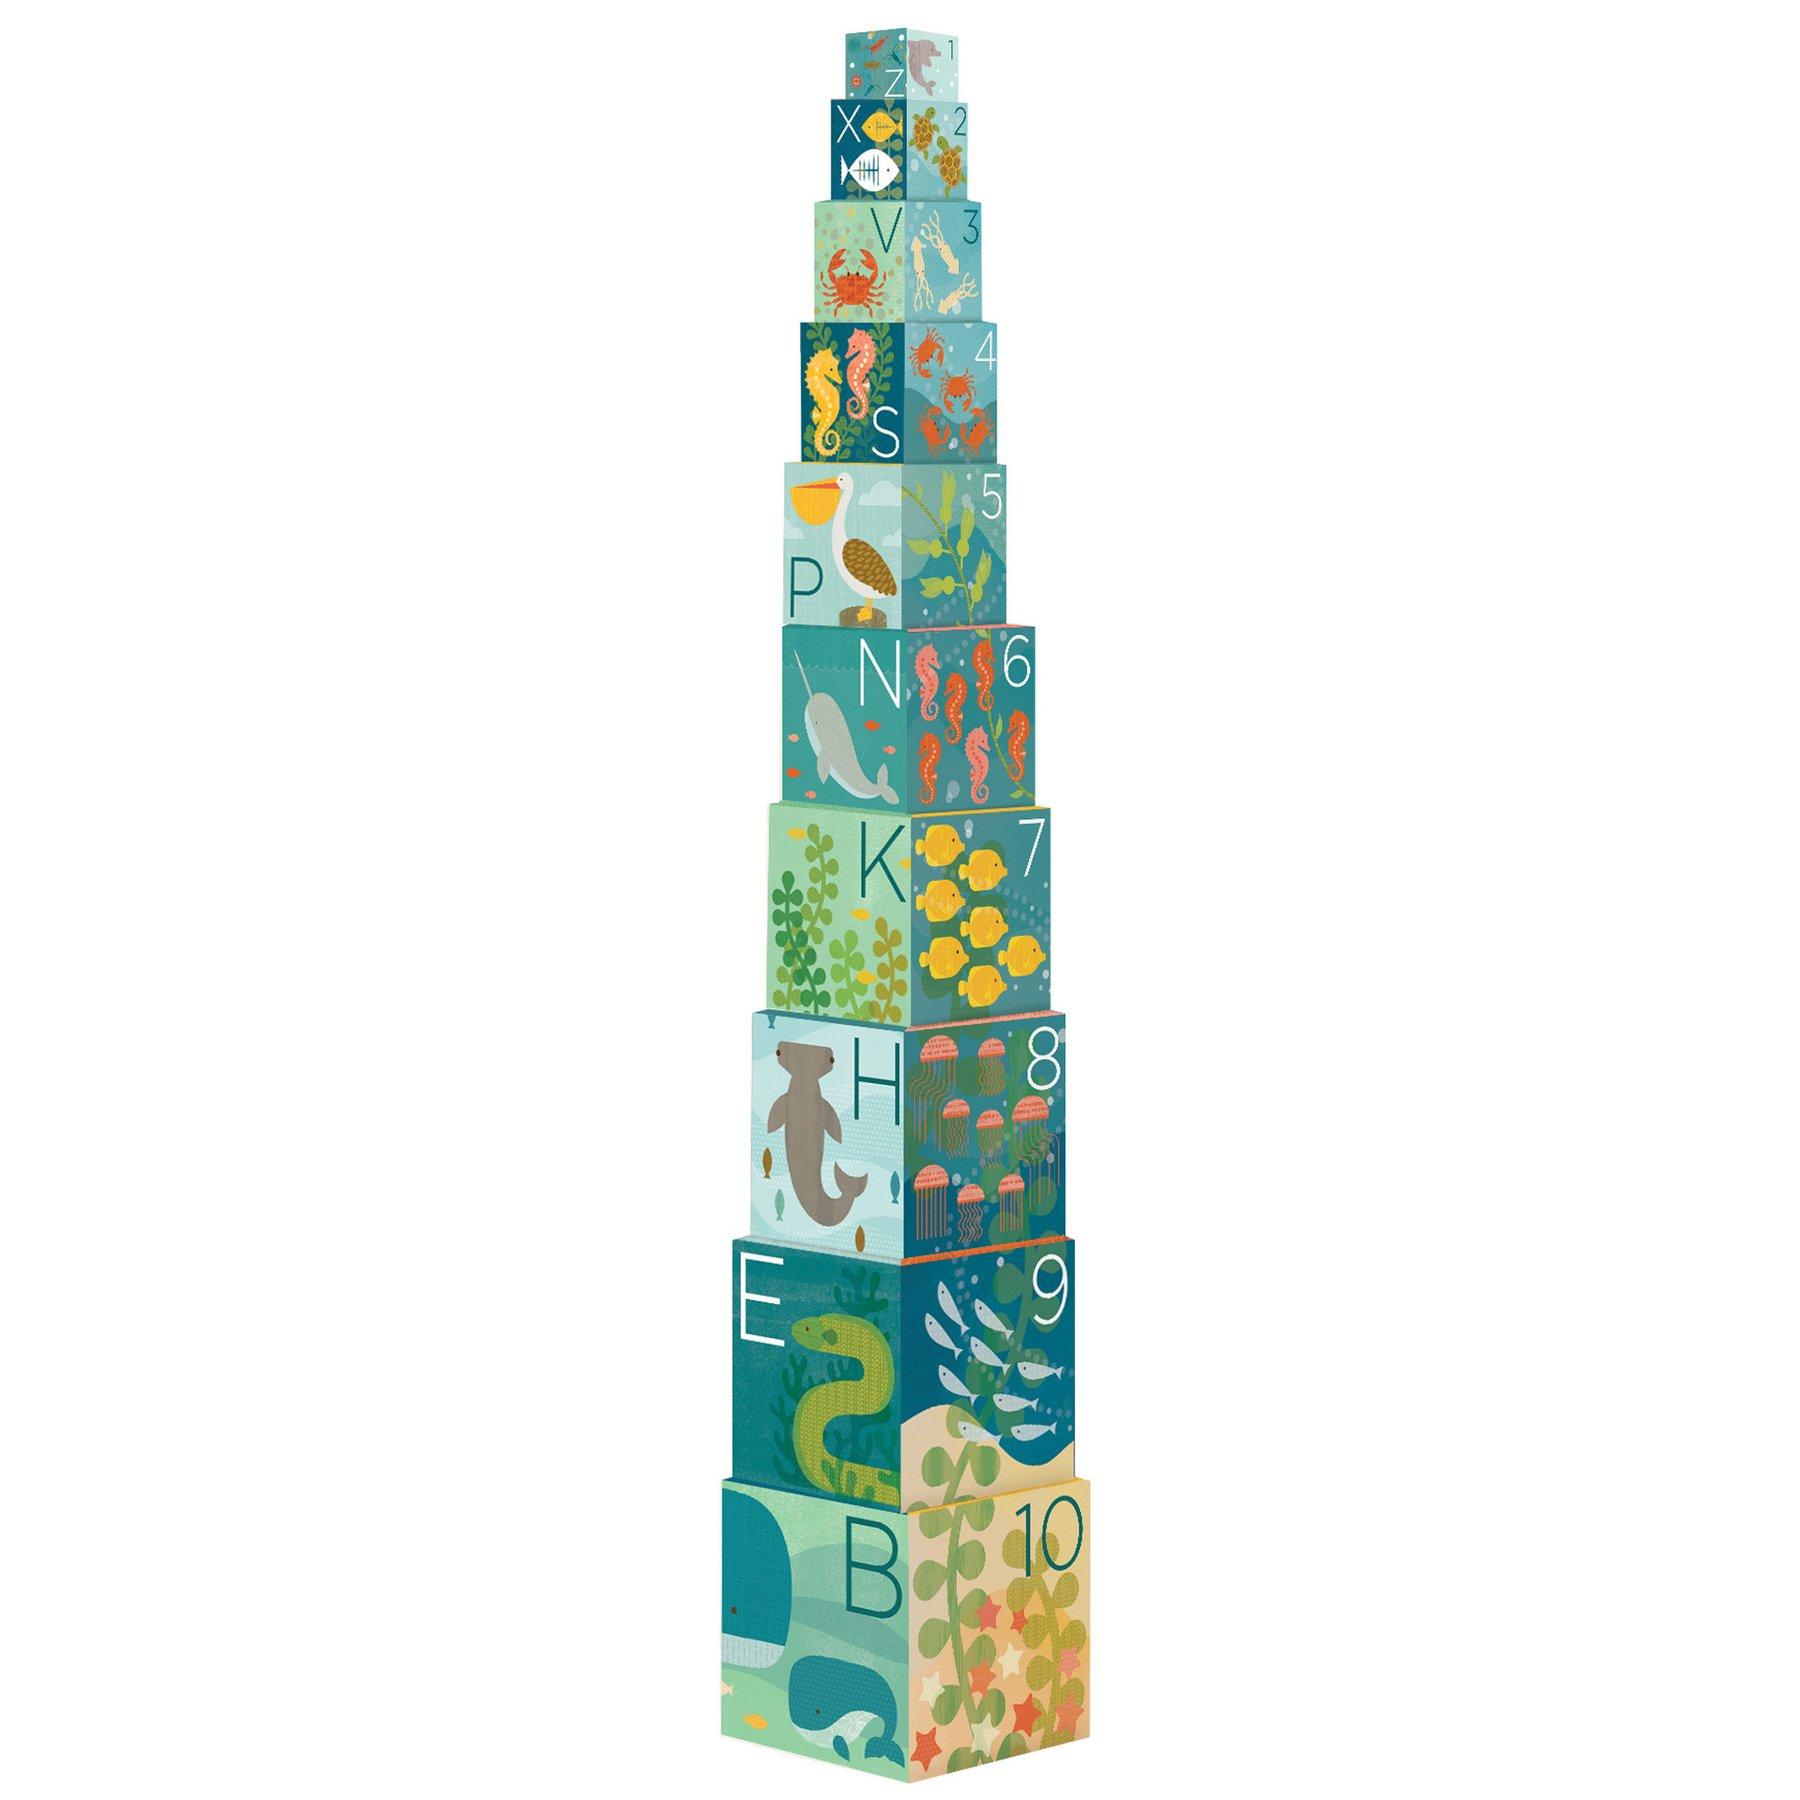 Petitcollage Věž z 1-2-3 kostek s možskými živočichy